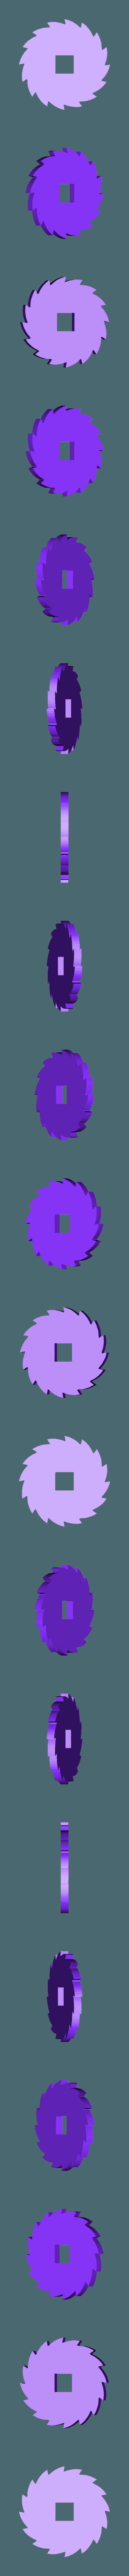 Bevel_gear_mechanism_rachet_wheel_right.stl Télécharger fichier STL gratuit Mécanisme qui ne tourne que dans un sens, quoi qu'il arrive !!!!! Engrenage conique • Objet à imprimer en 3D, matthewdwulff